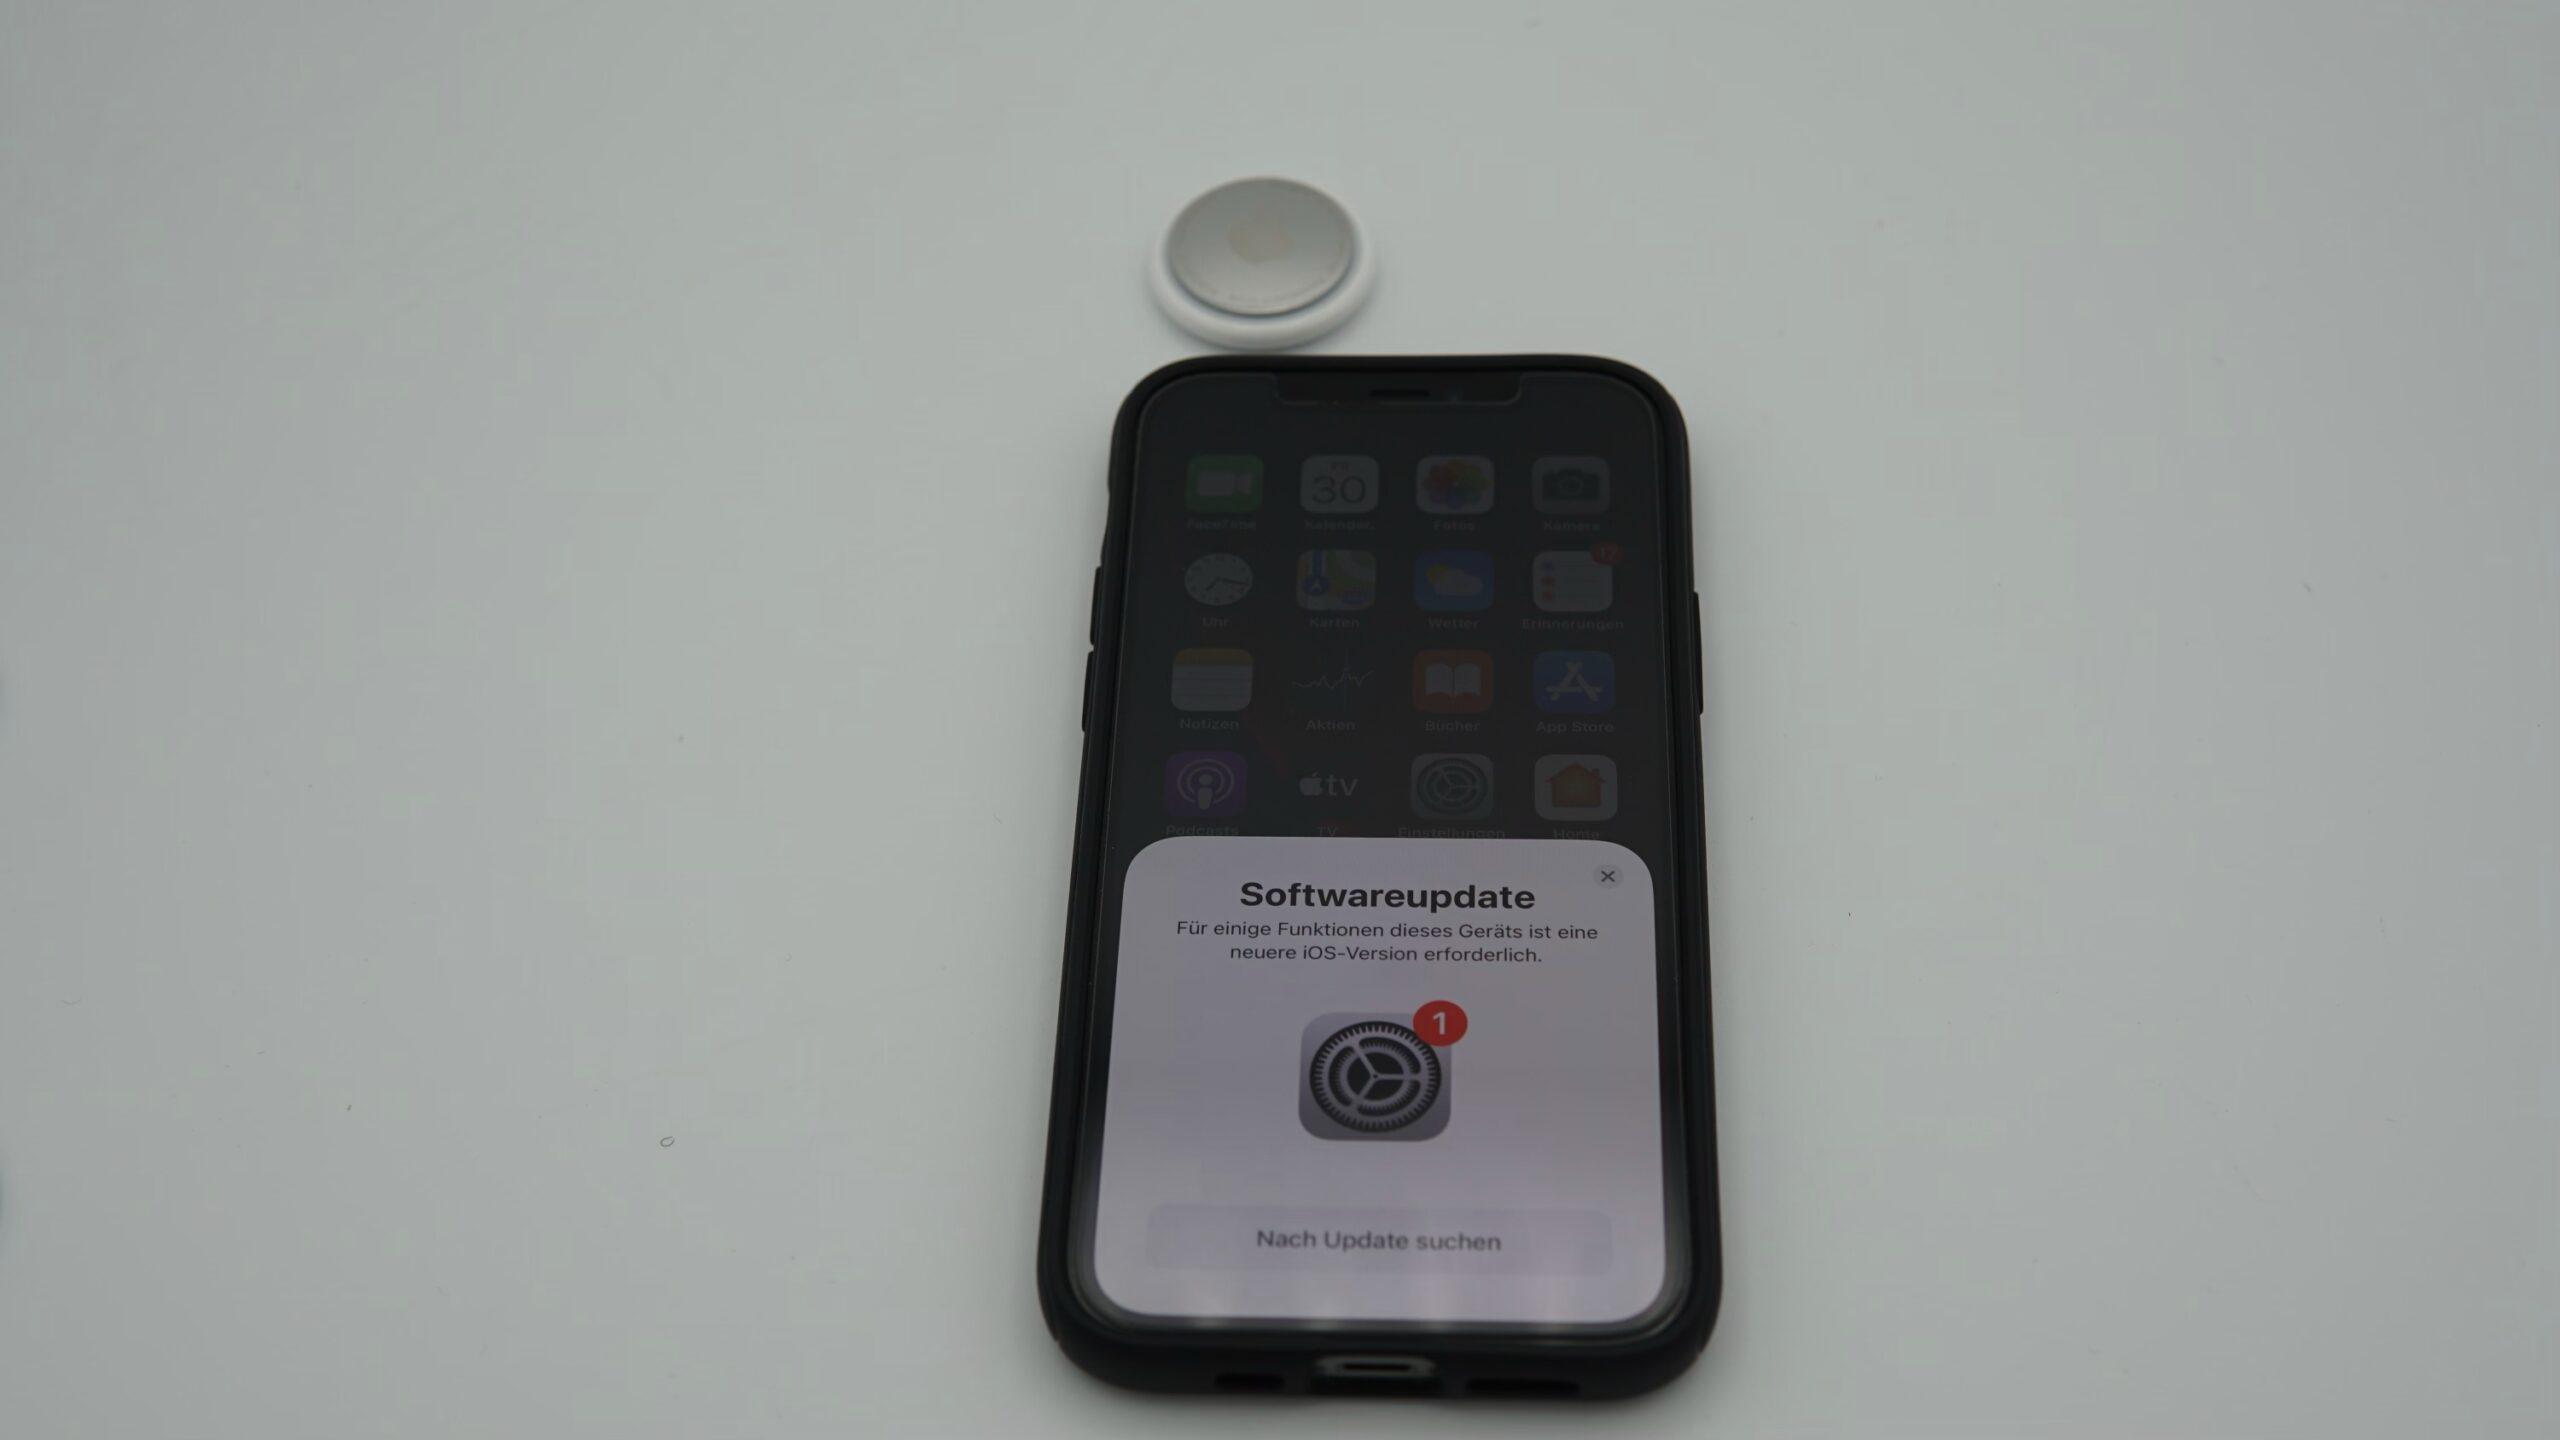 iPhone mit fehlendem Softwareupdate und AirTag oben Links